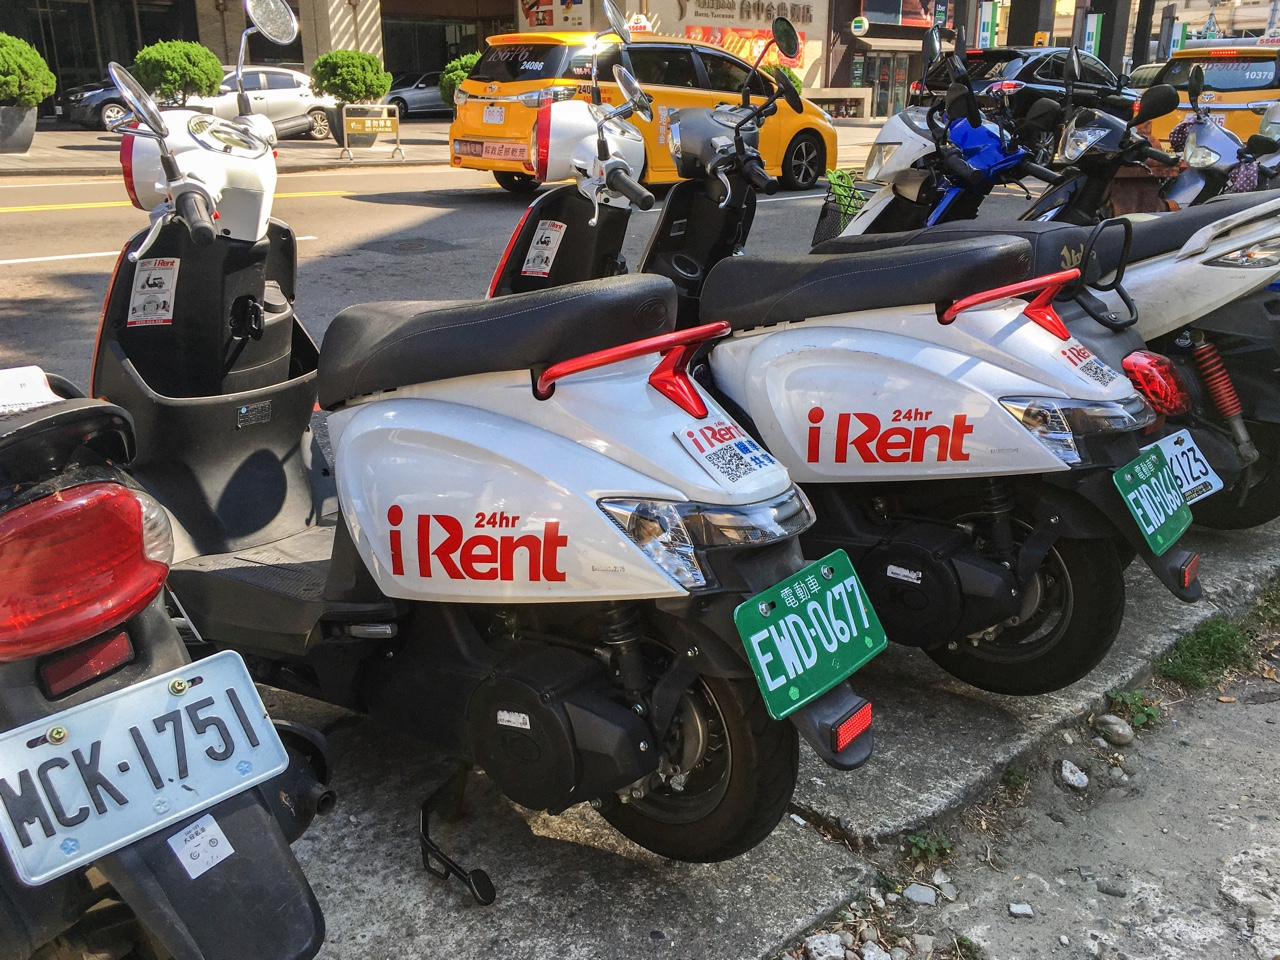 駐車中のiRentバイク